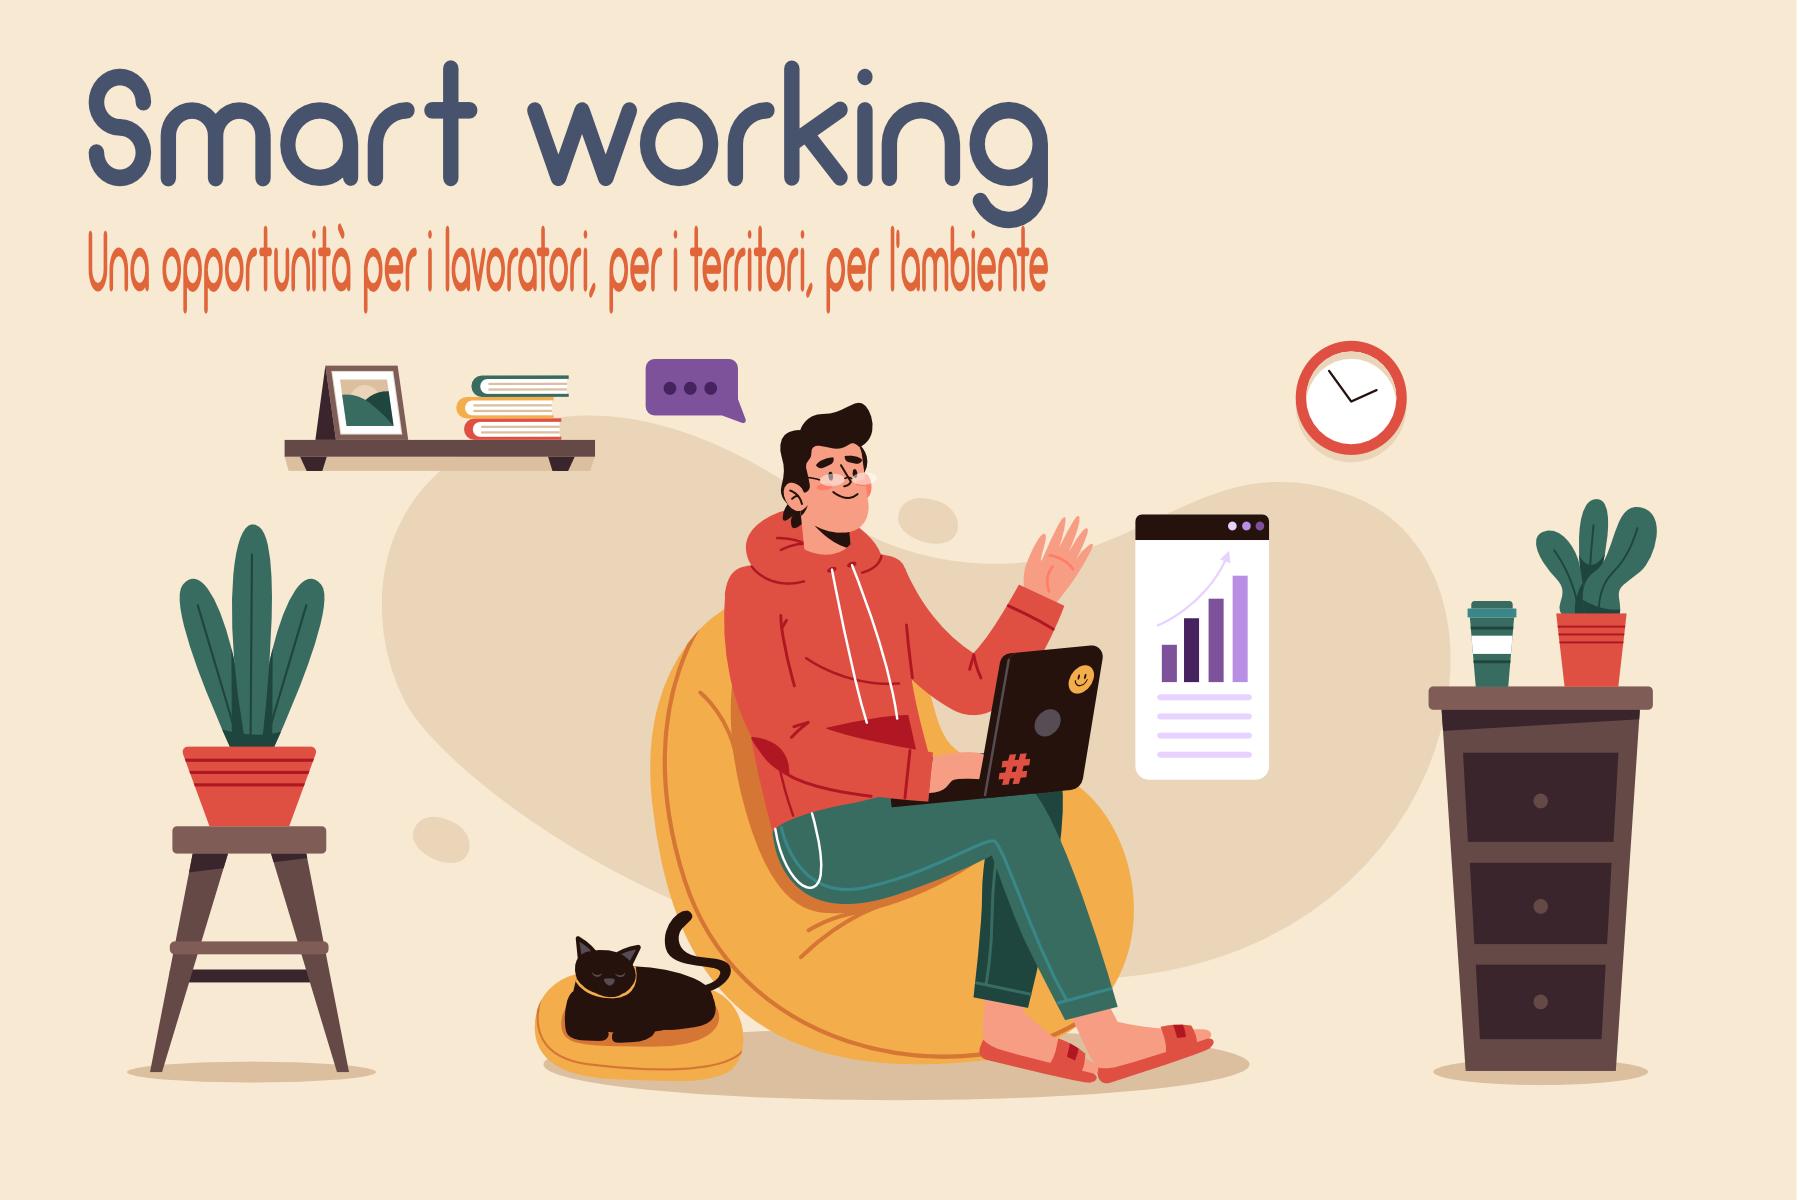 Smart working: una opportunità per i lavoratori, per il territorio, per l'ambiente